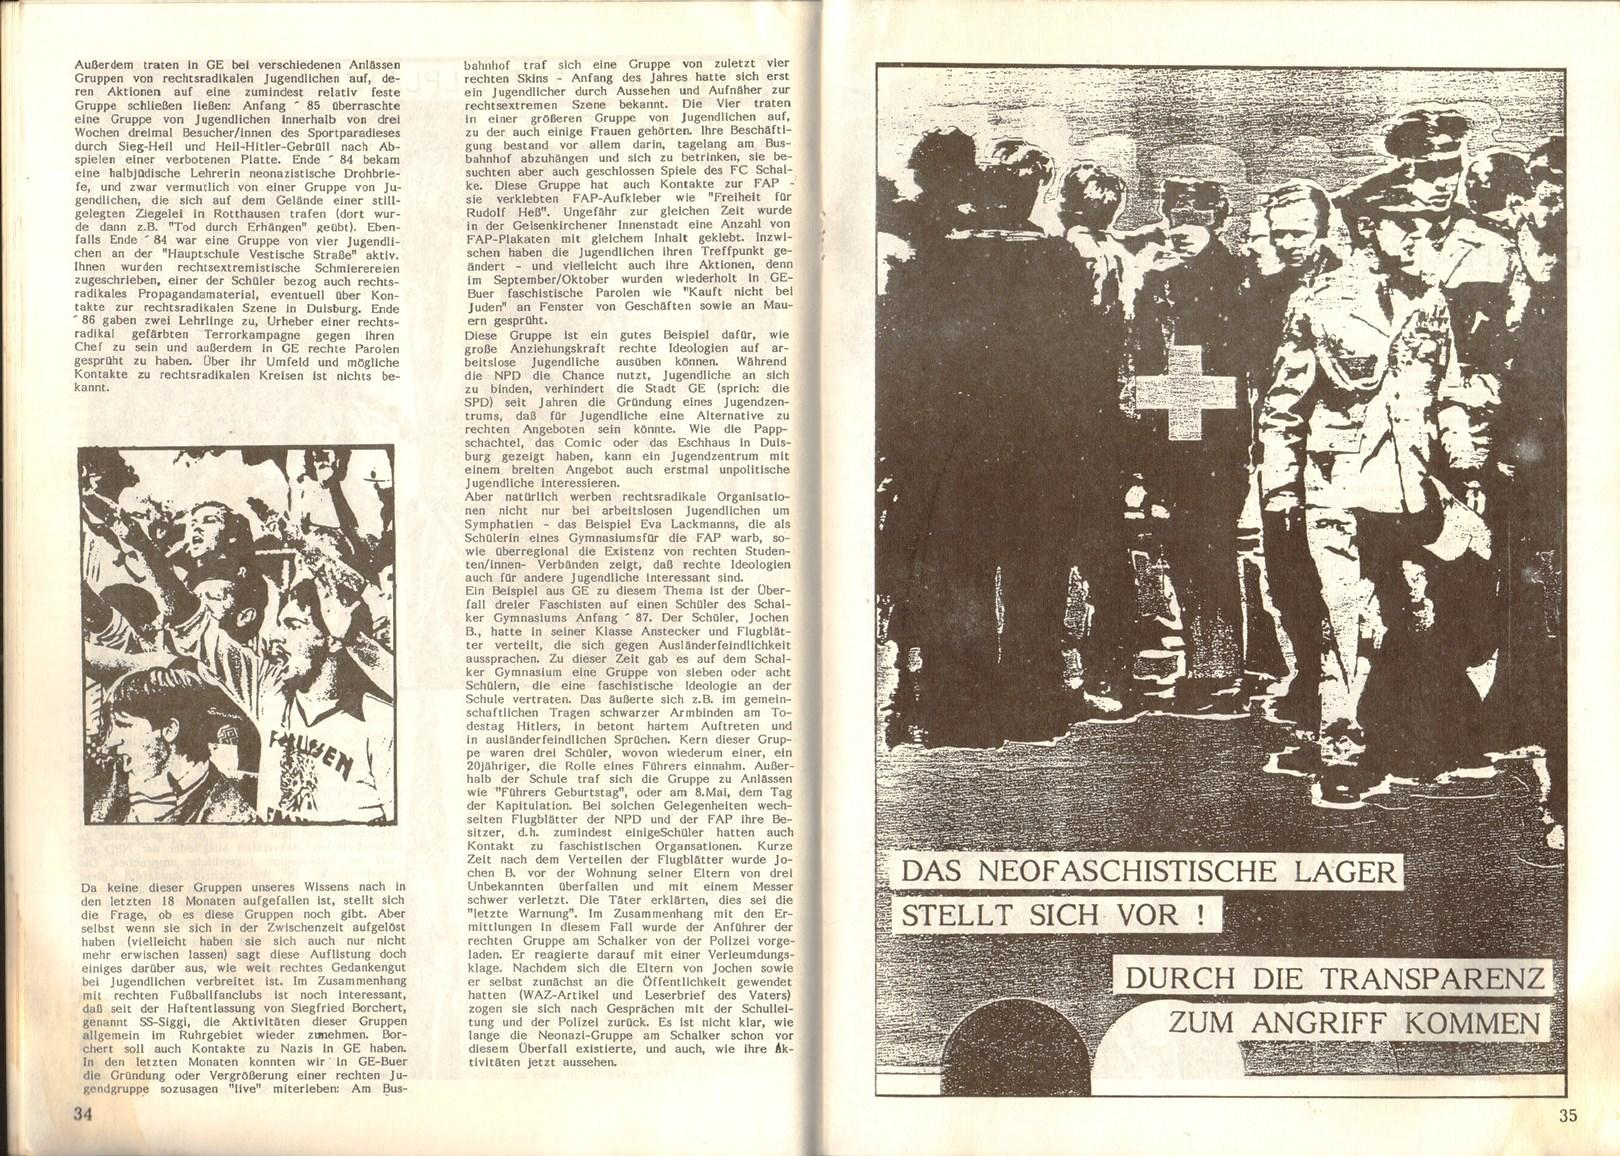 Gelsenkirchen_Zukunft_Vergangenheit_1988_18